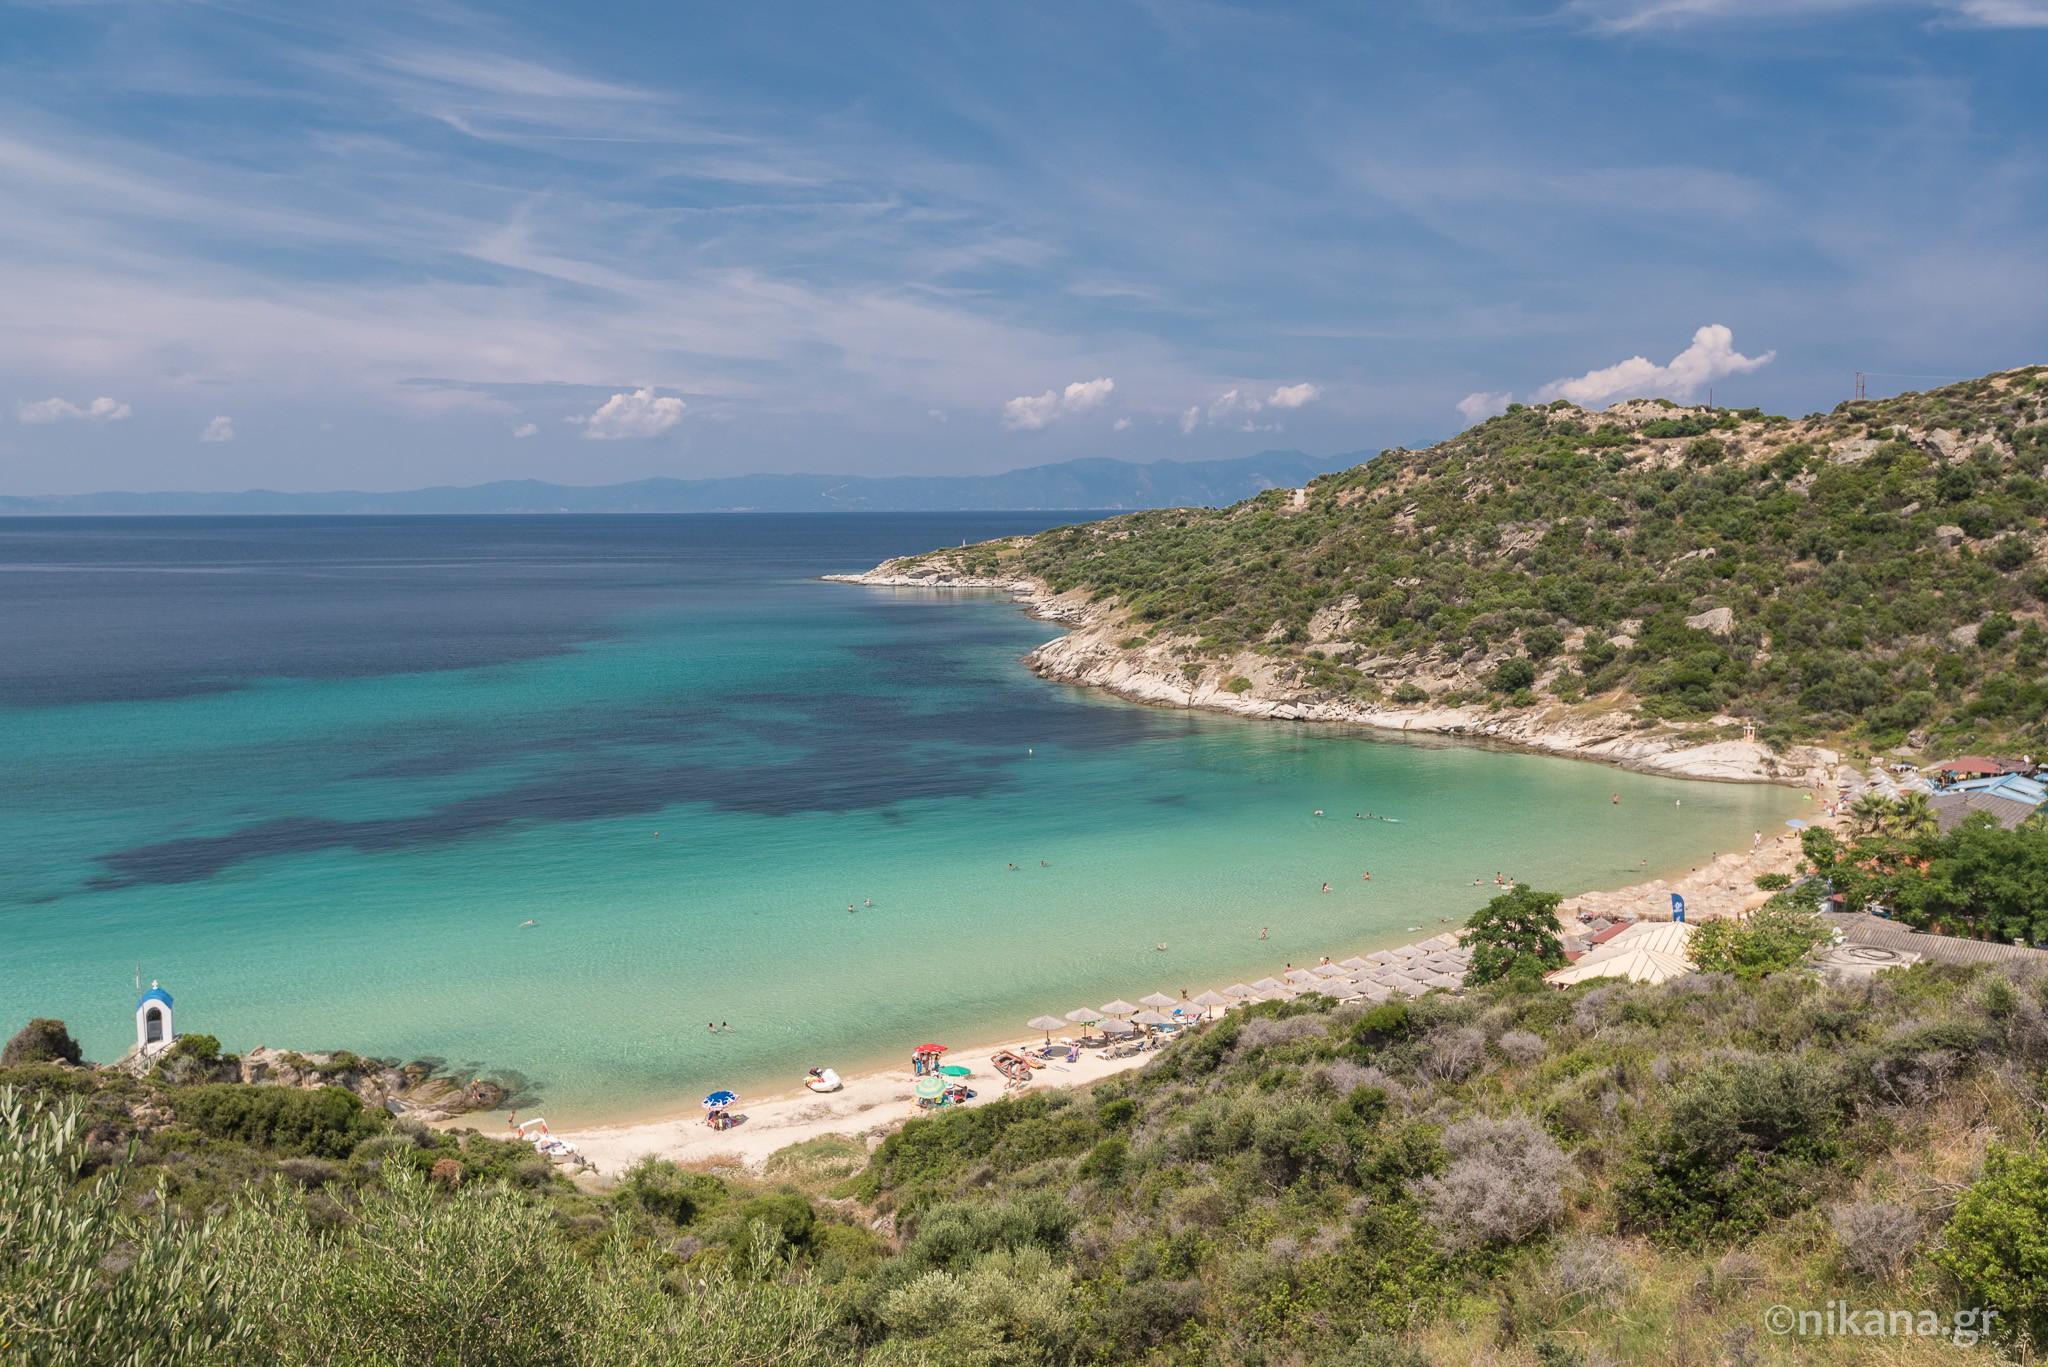 sitonija mapa puteva Klimataria plaža   Sitonija vodič   Nikana.gr sitonija mapa puteva